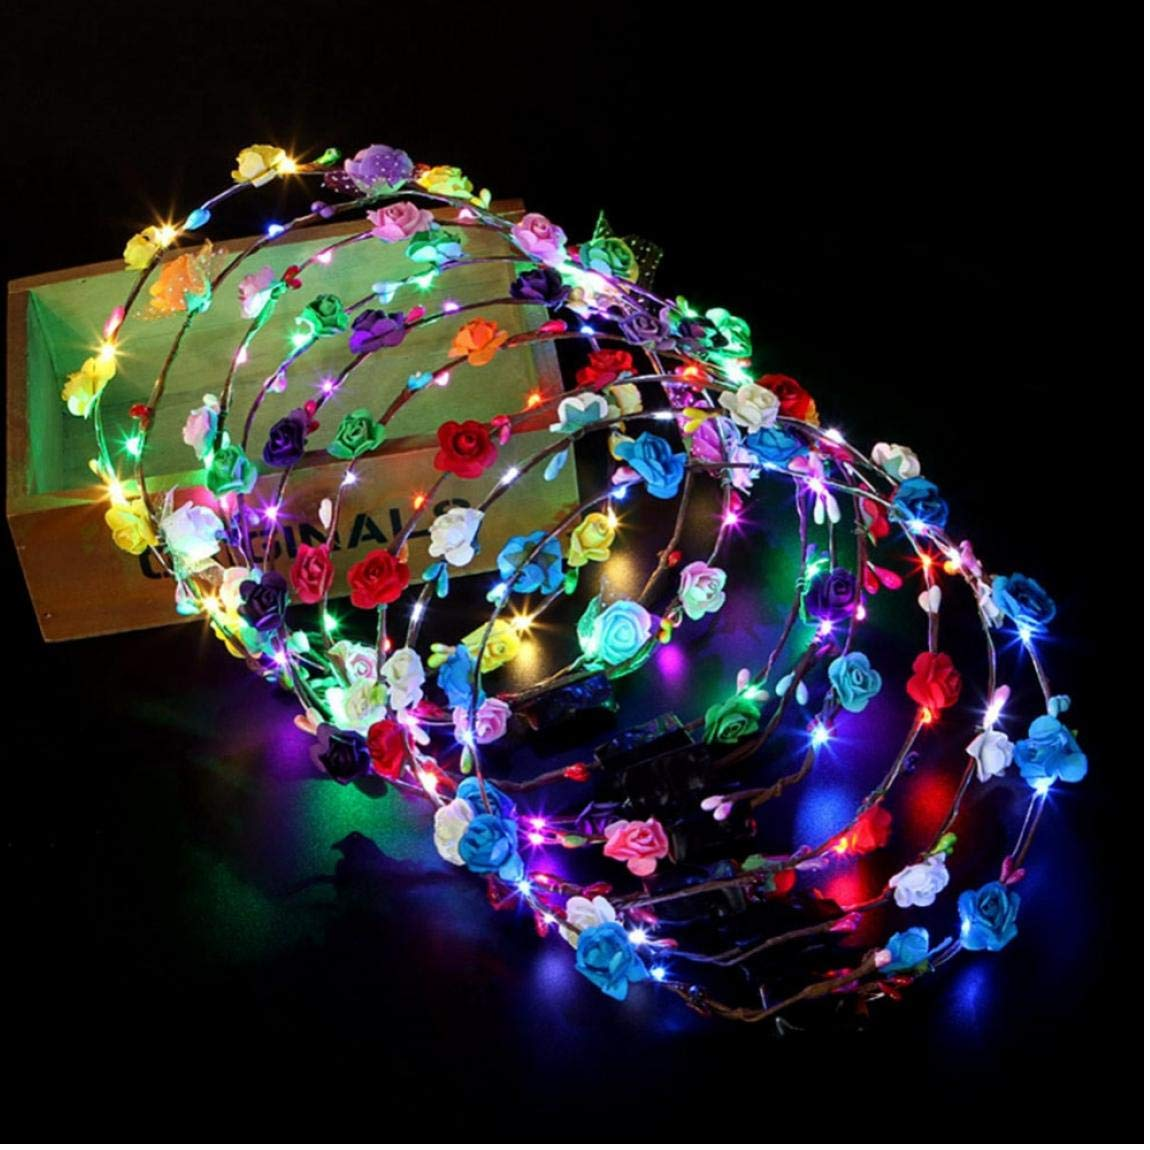 Oulensy 10 Glowing Garland Hochzeit Crown Blumen-Stirnband LED-Licht Weihnachten Neon Wreathdekoration Luminous Haar Garland Haarreif